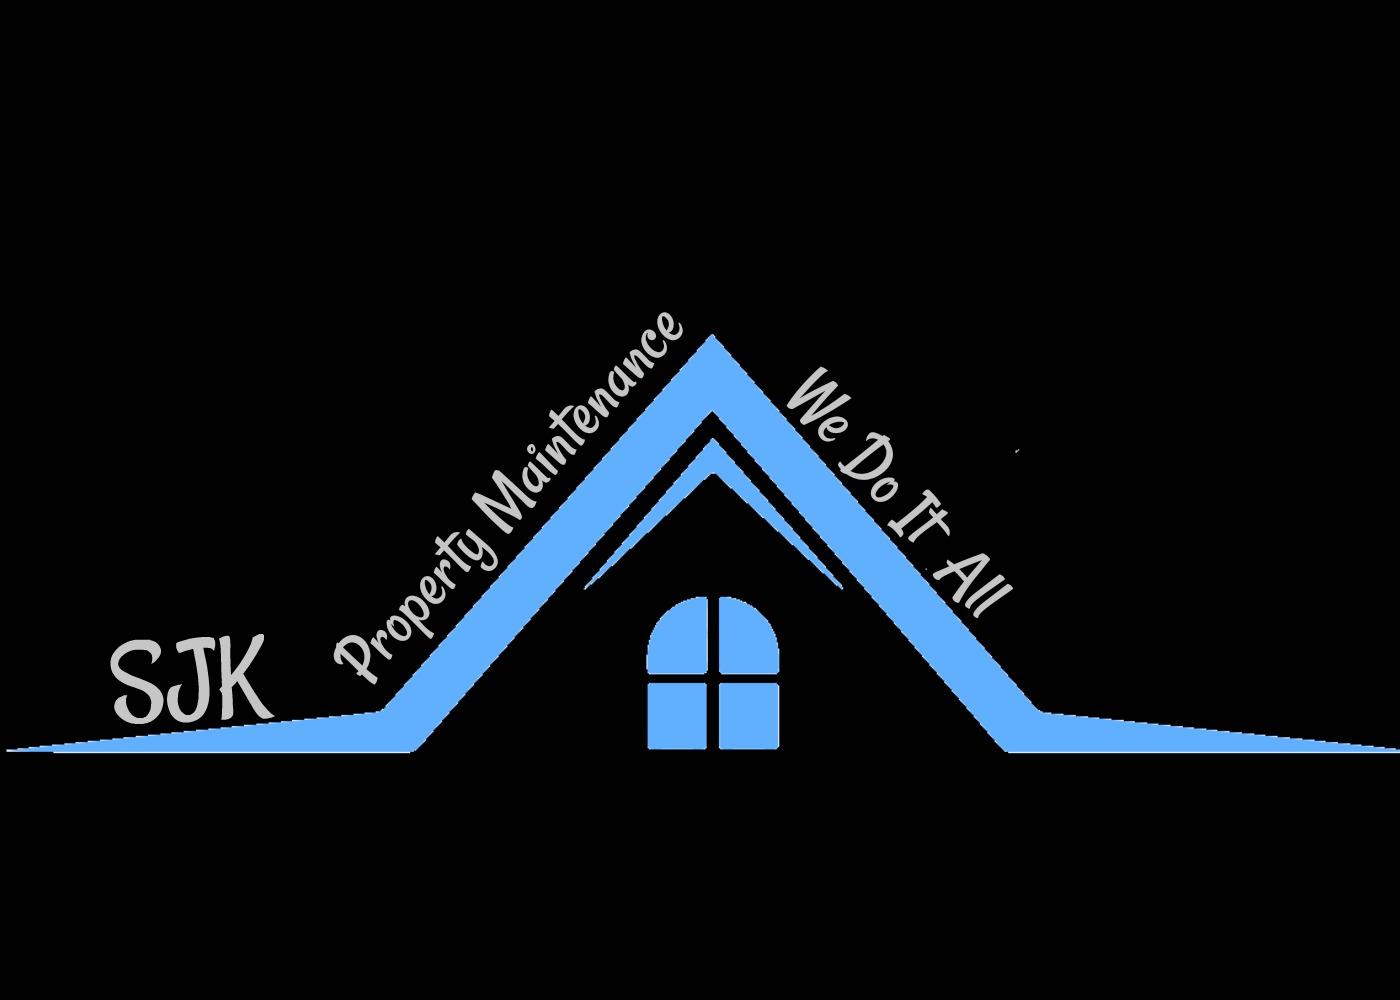 SJK Property Maintenance